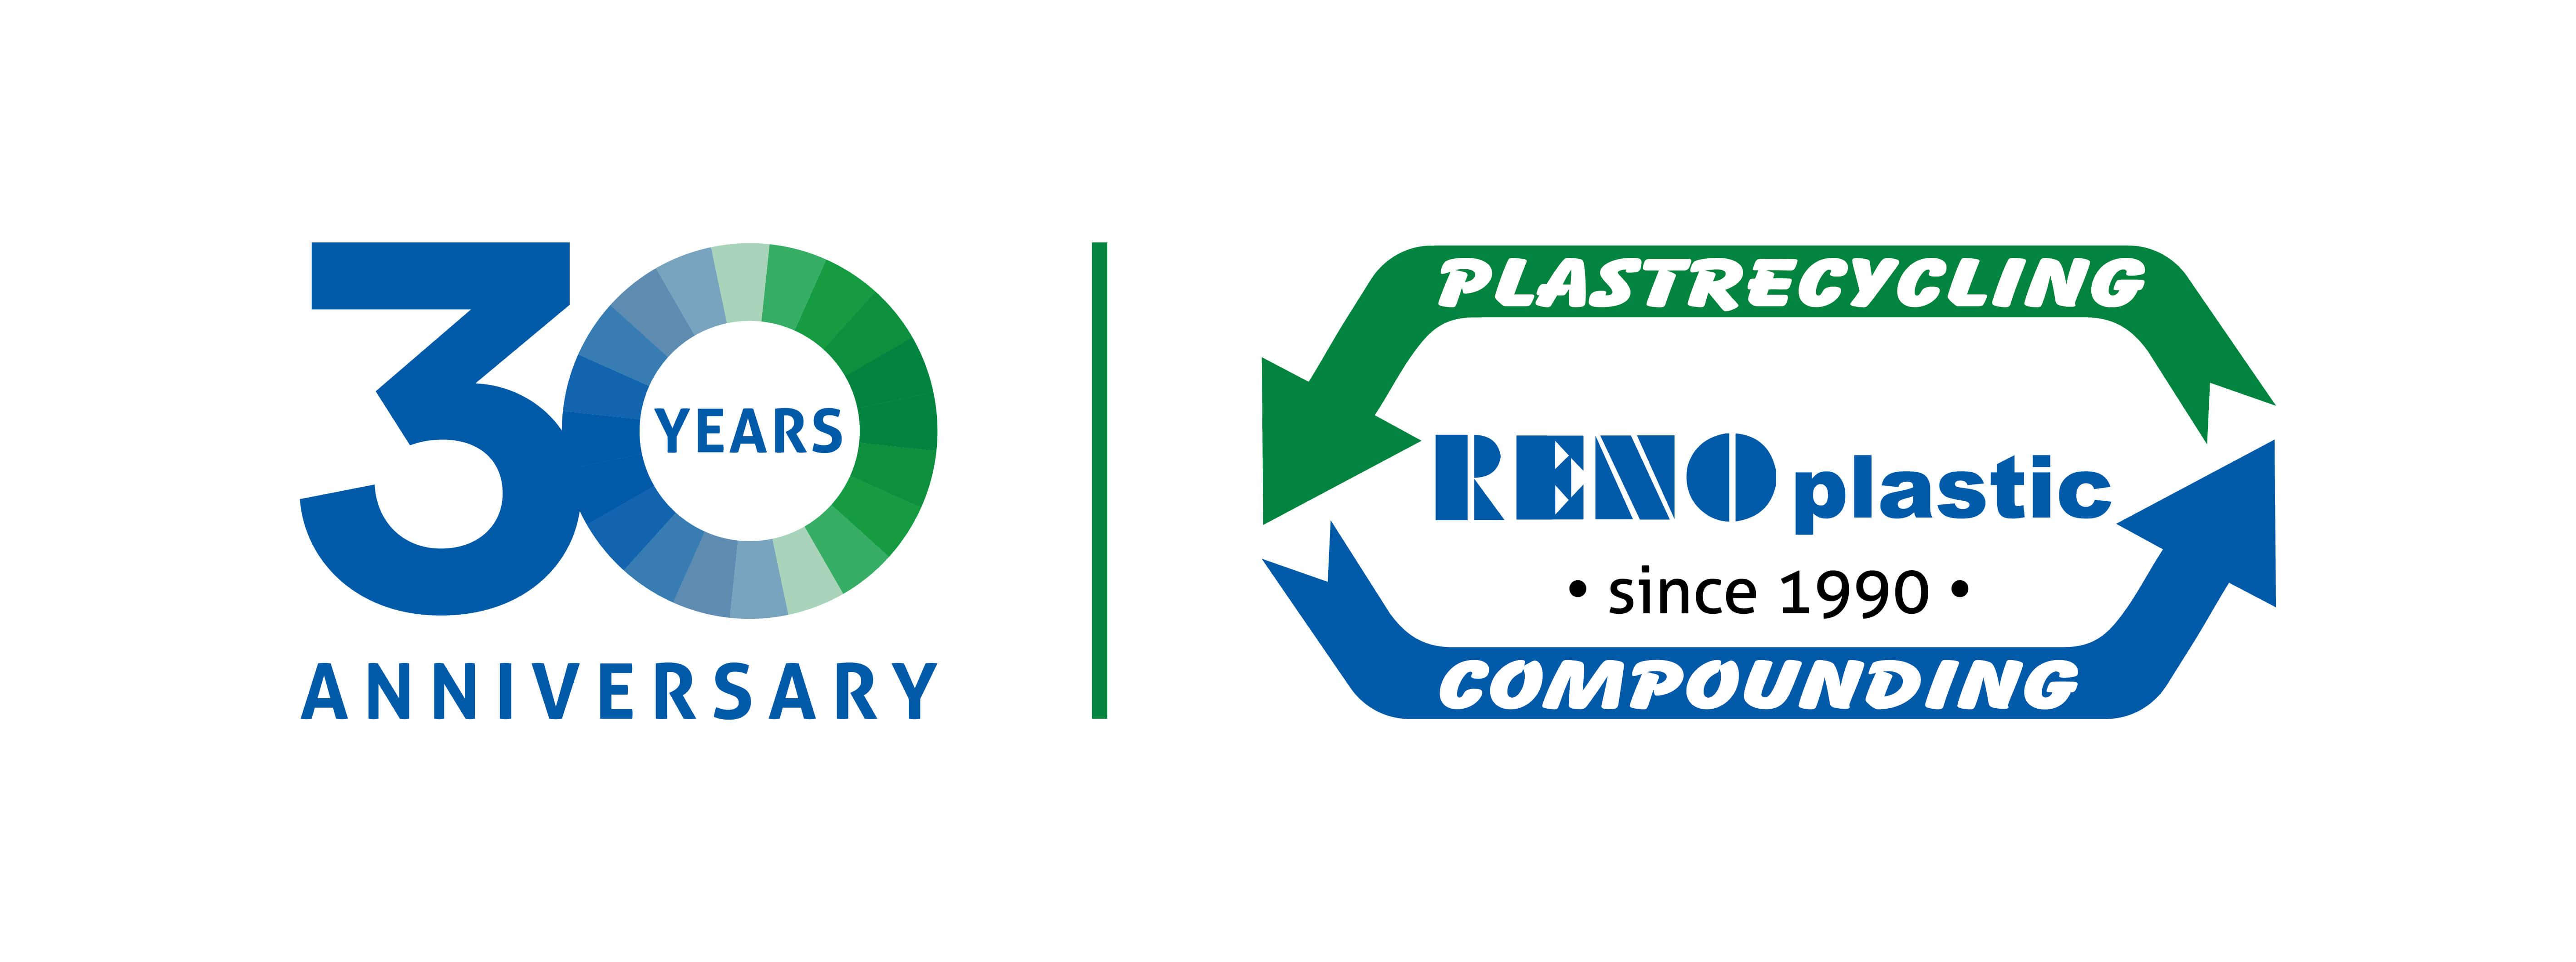 30 years - anniversary - logo